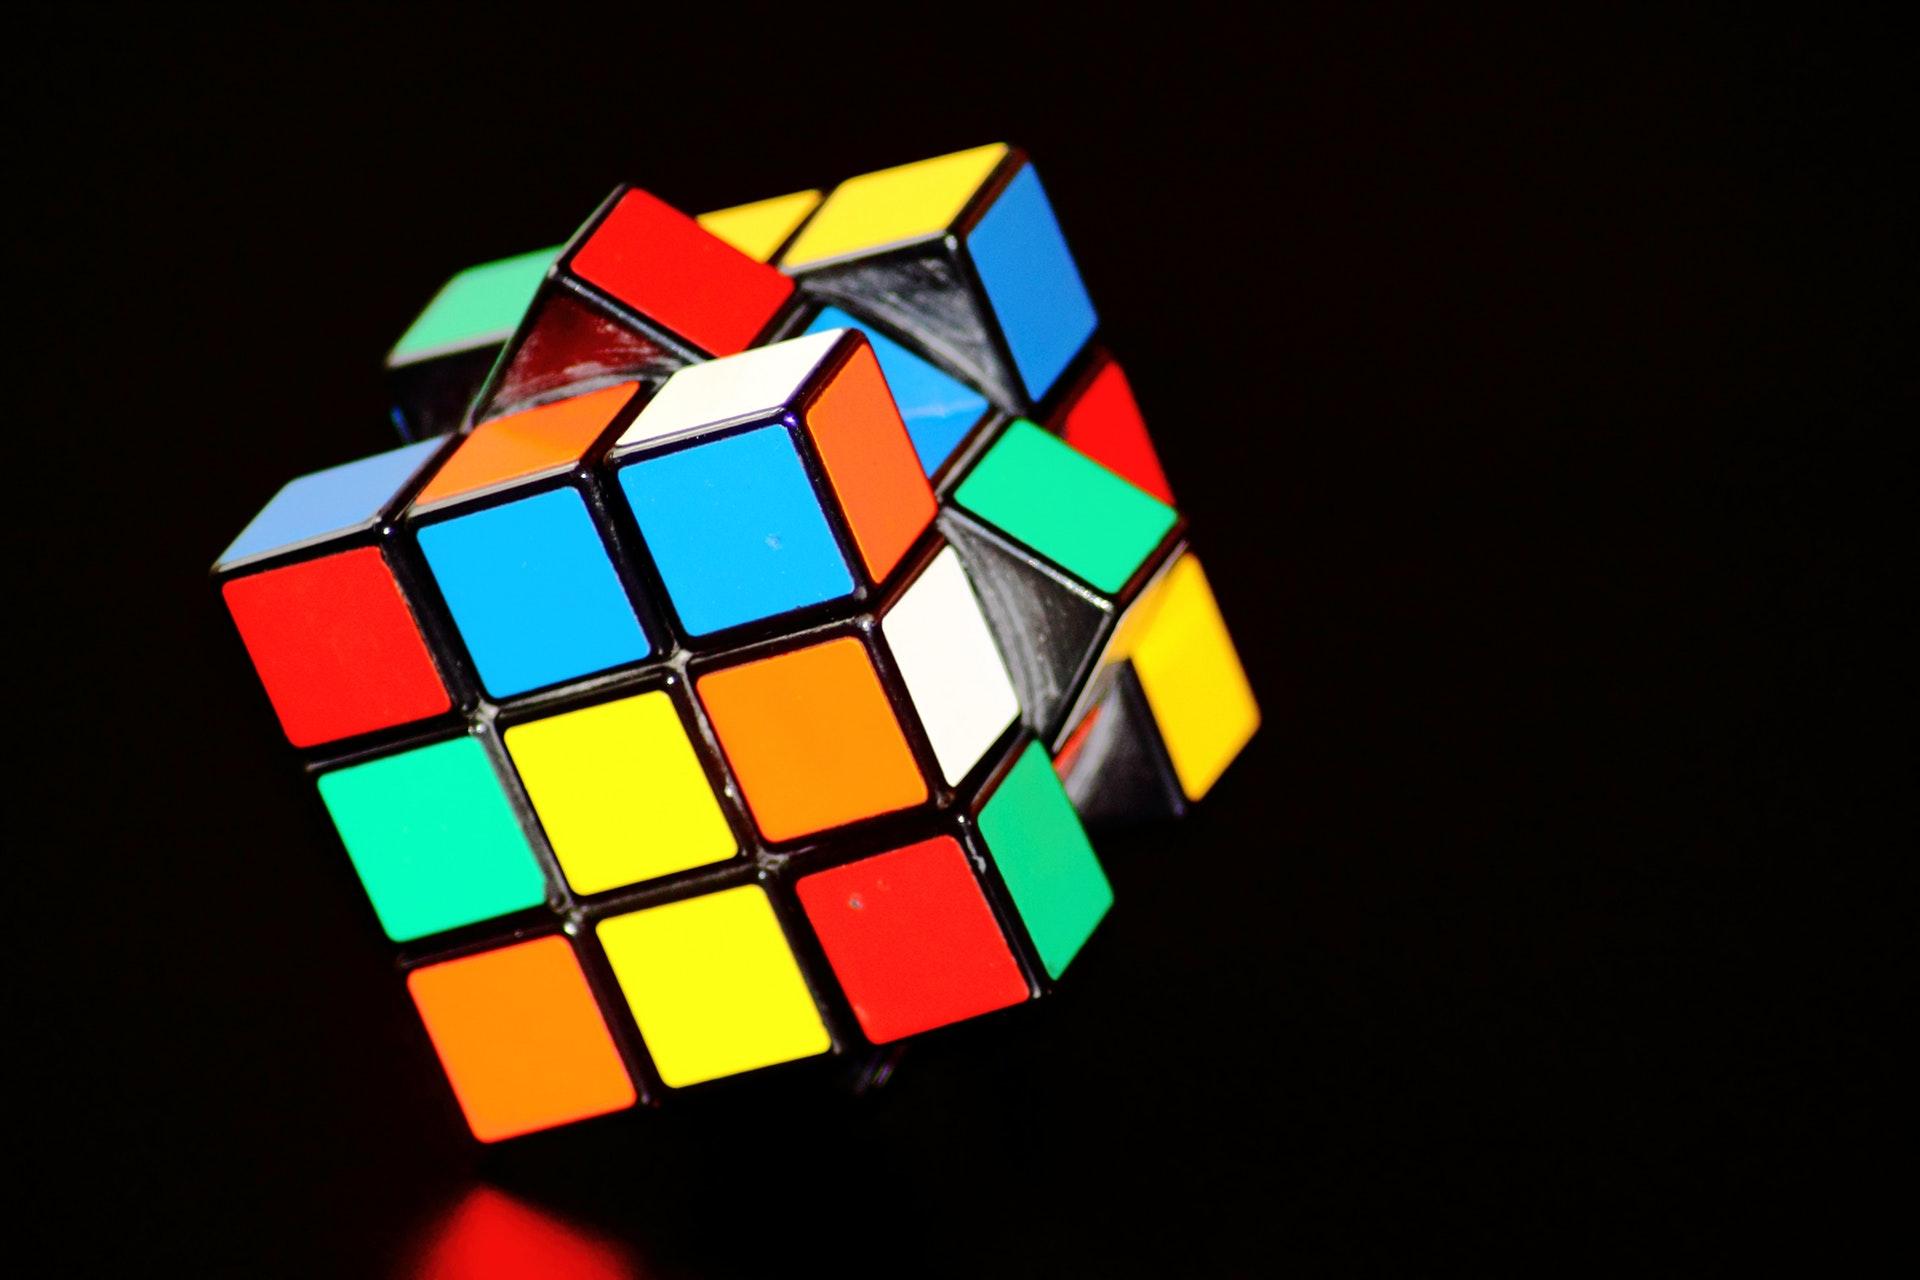 La complexité de notre esprit, à l'image de celle d'un rubik's cube